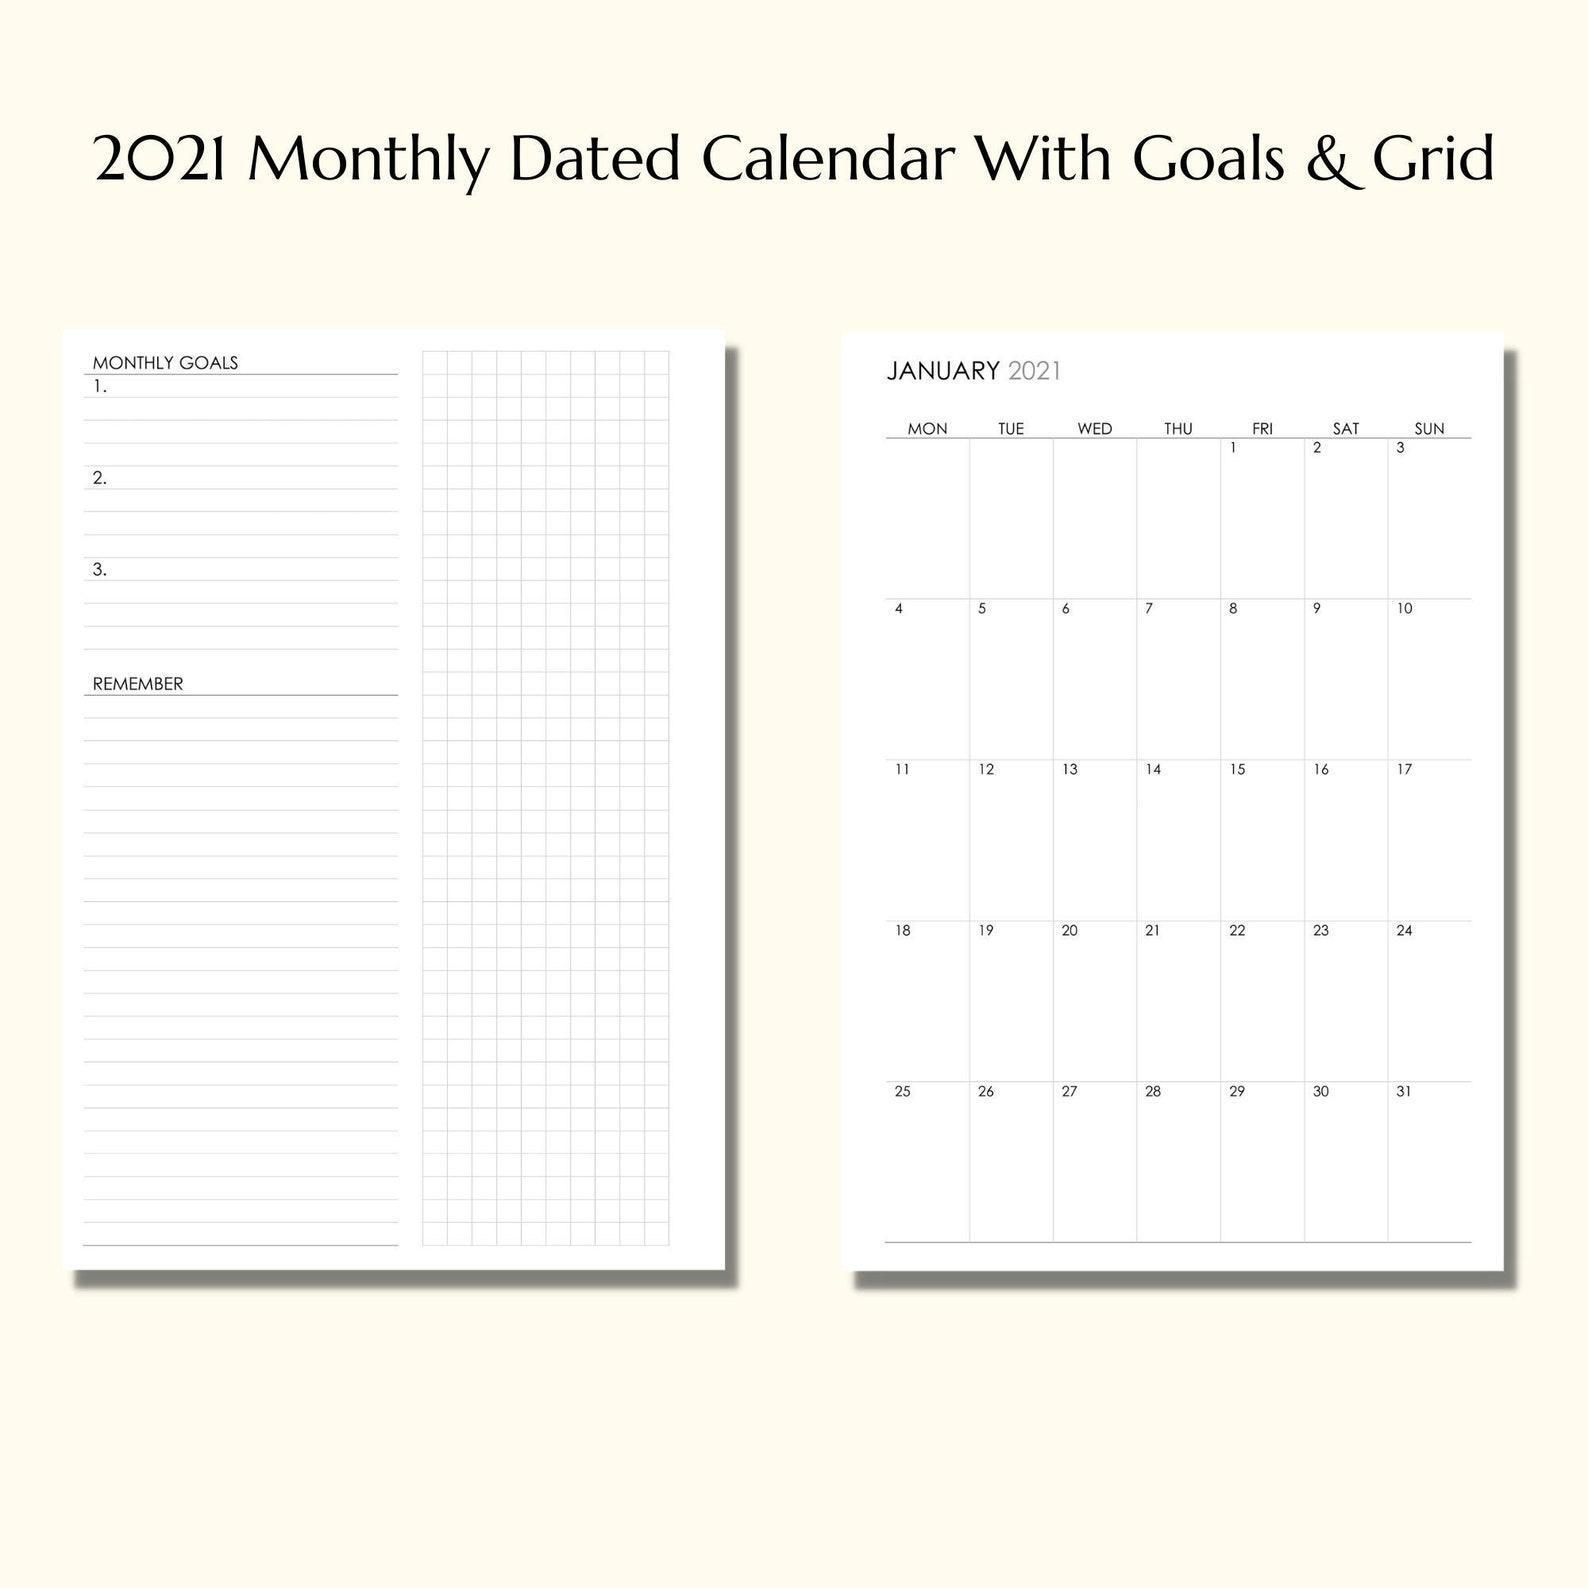 2021 Monatlich datierter Kalender mit Zielen & Raster | Etsy